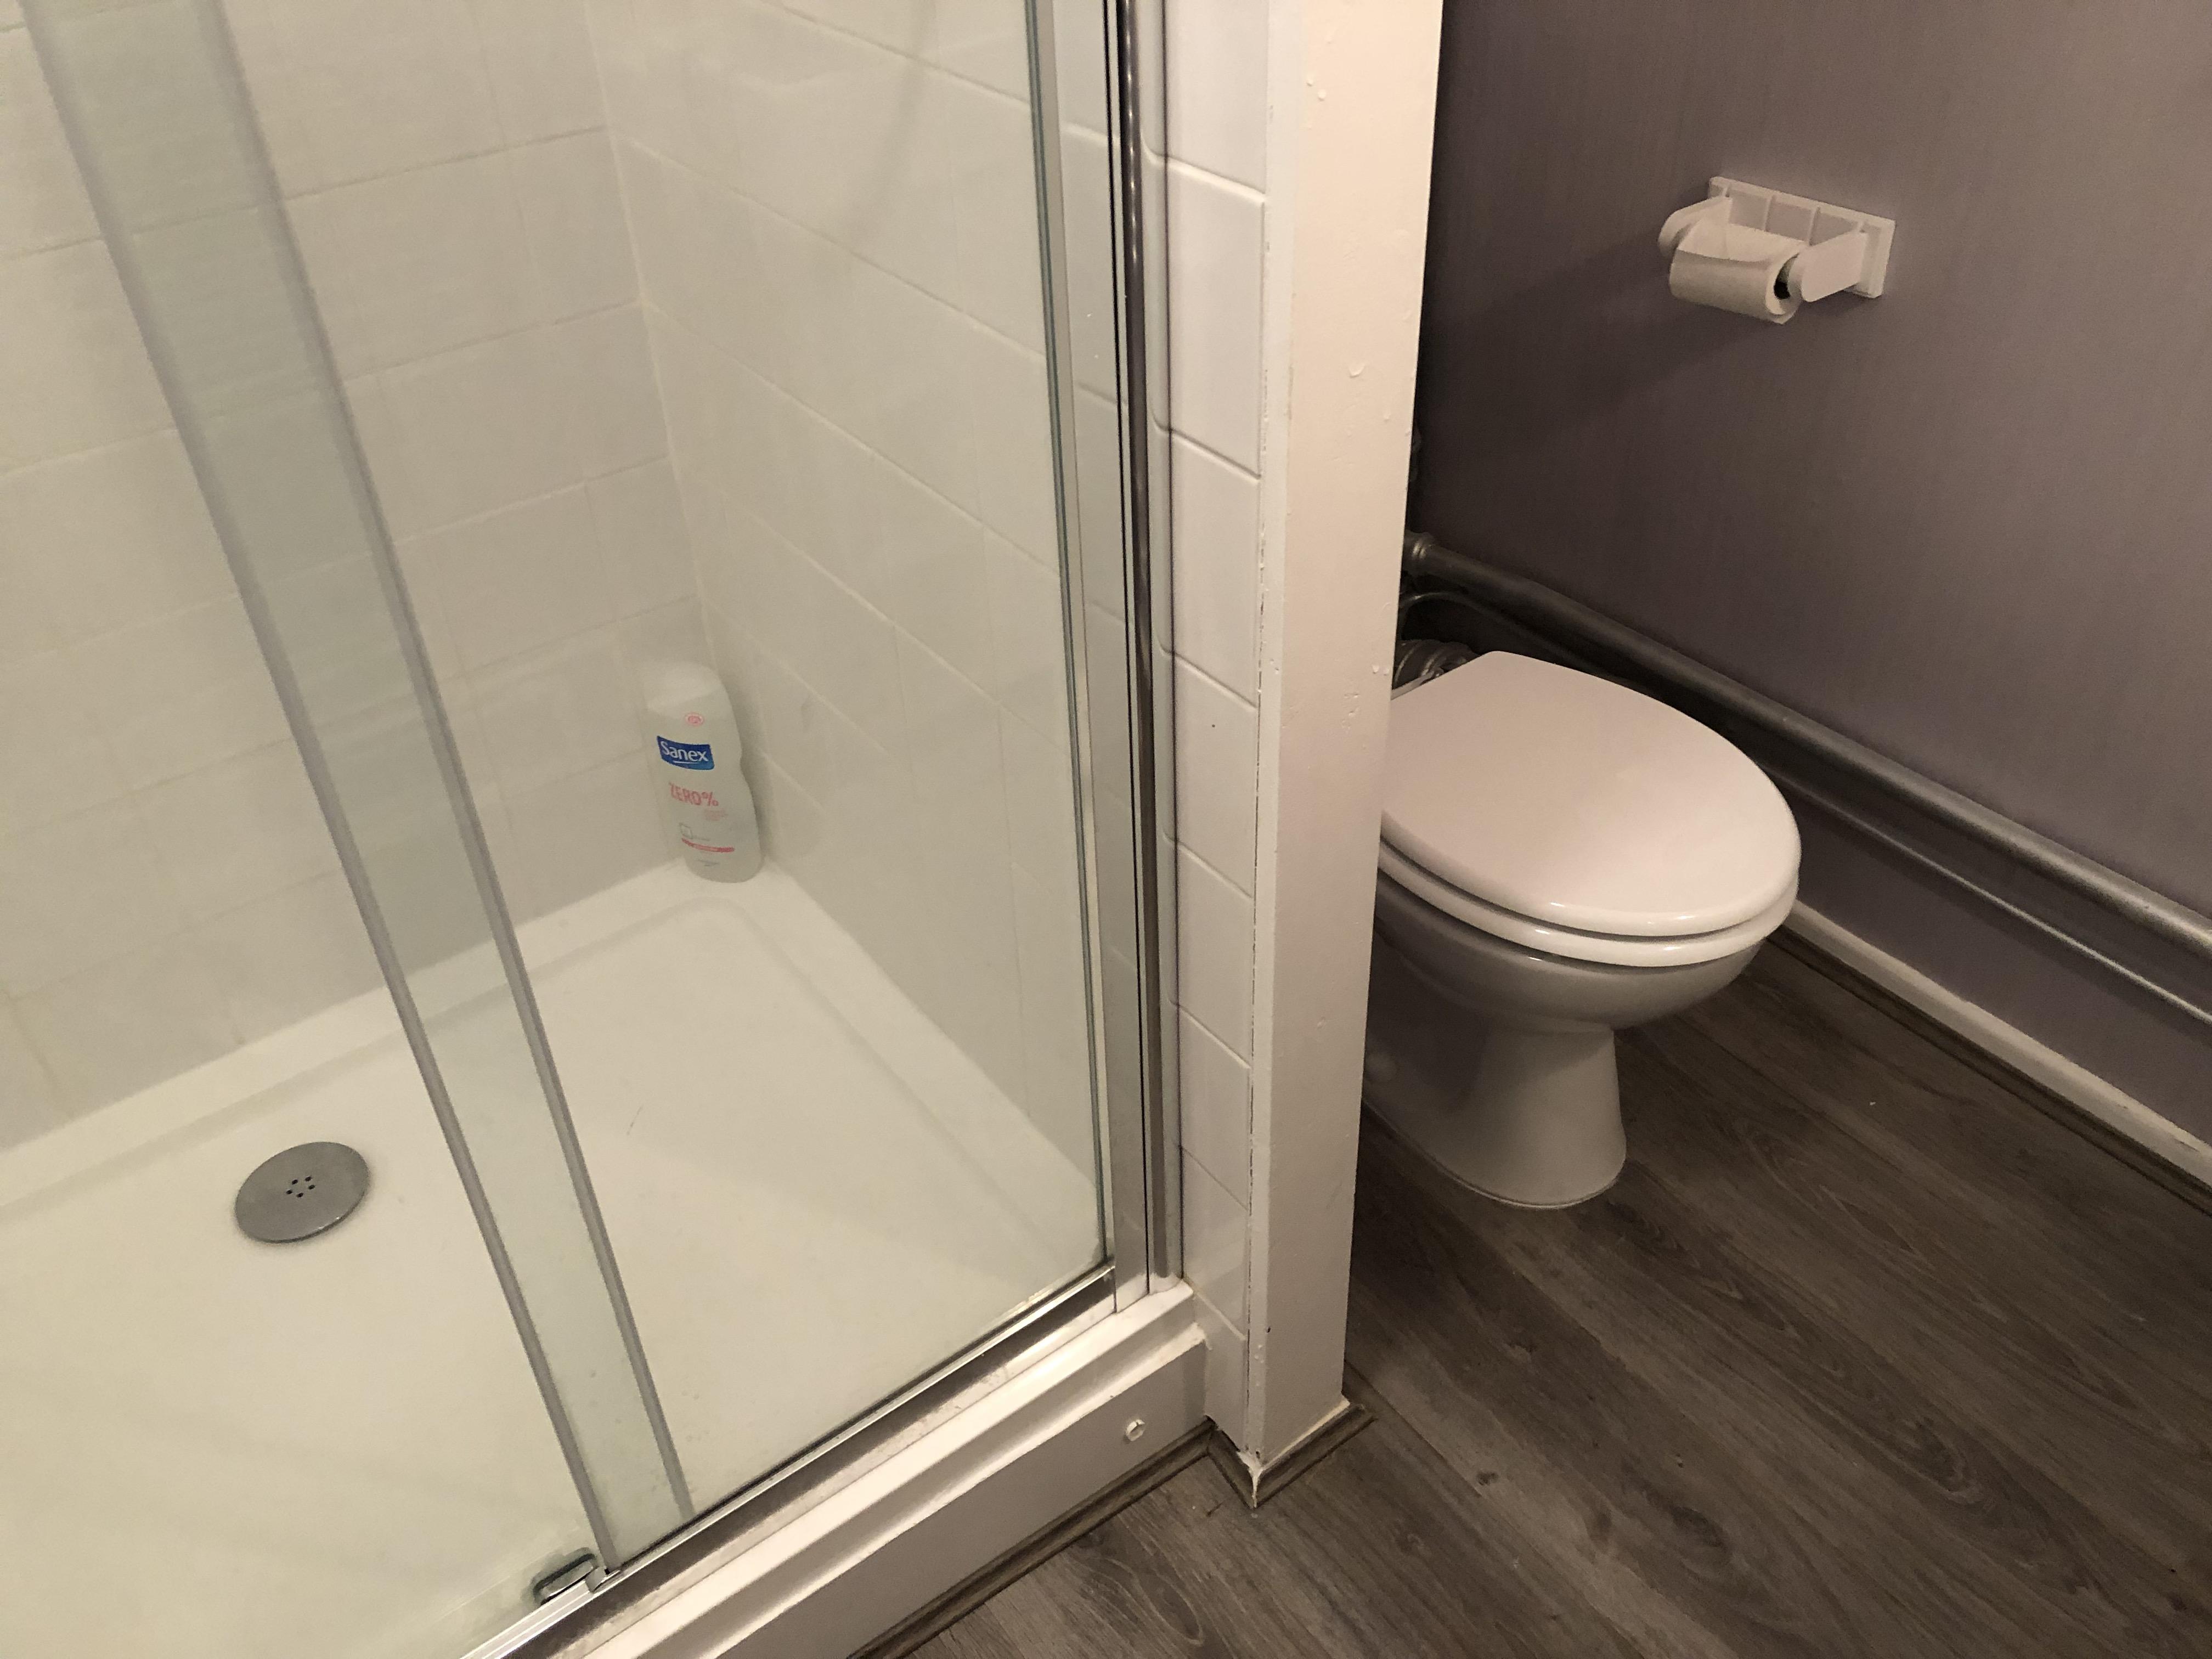 Bathroom pic B